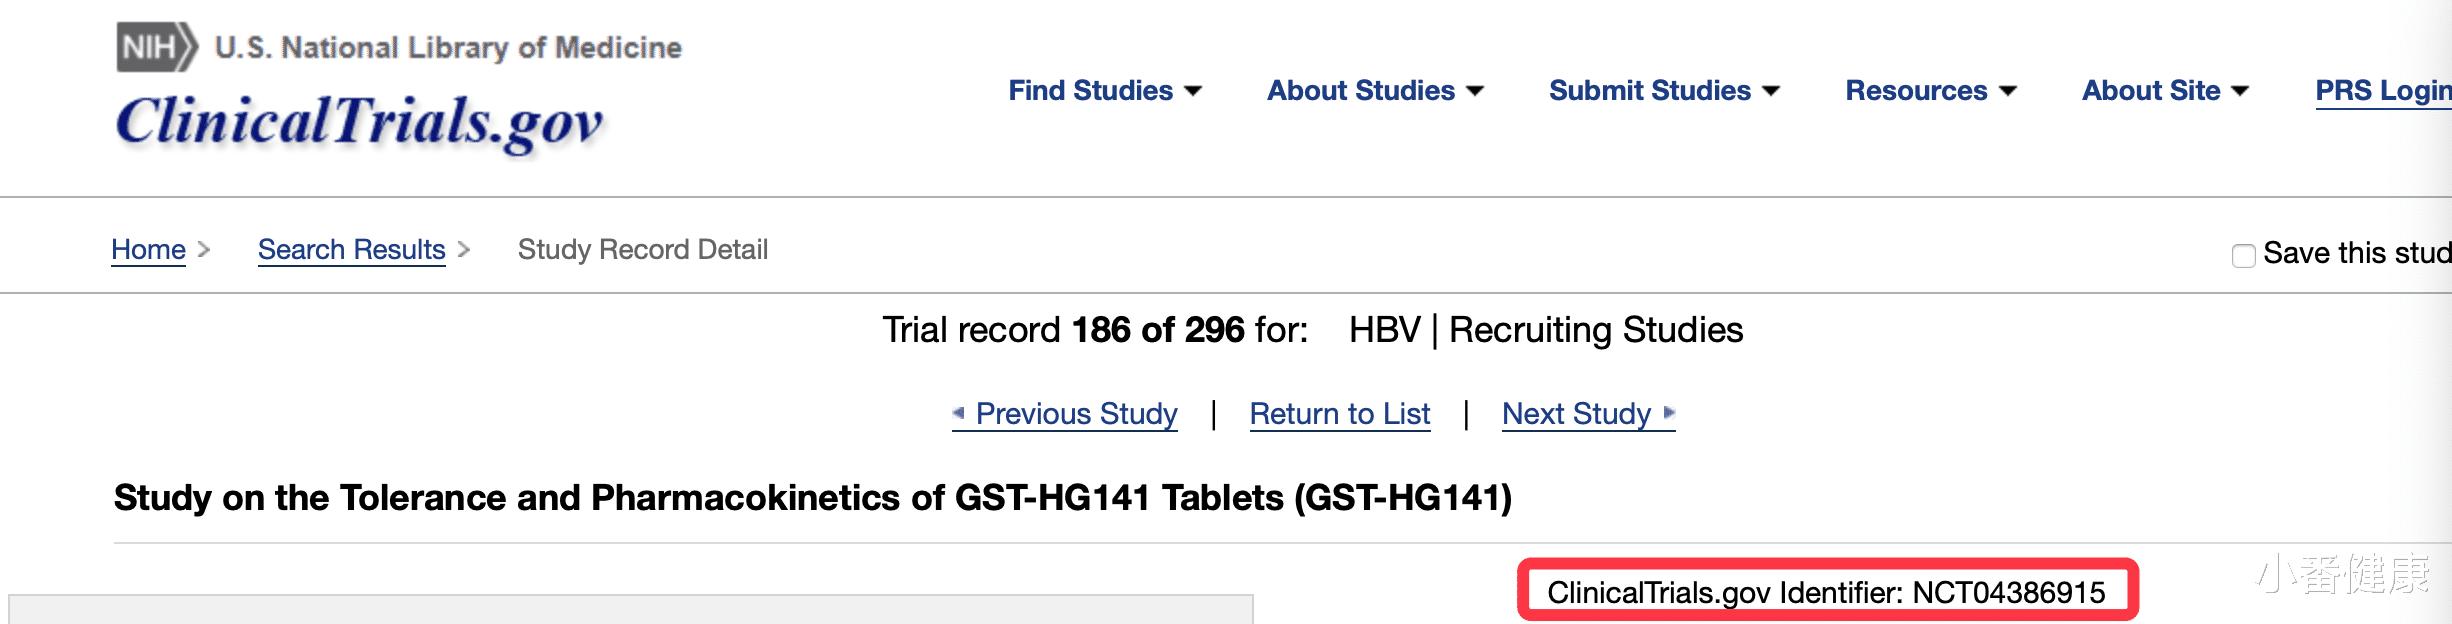 乙肝國產在研新藥GST-HG141,Ia期評估,明年8月完成-圖3